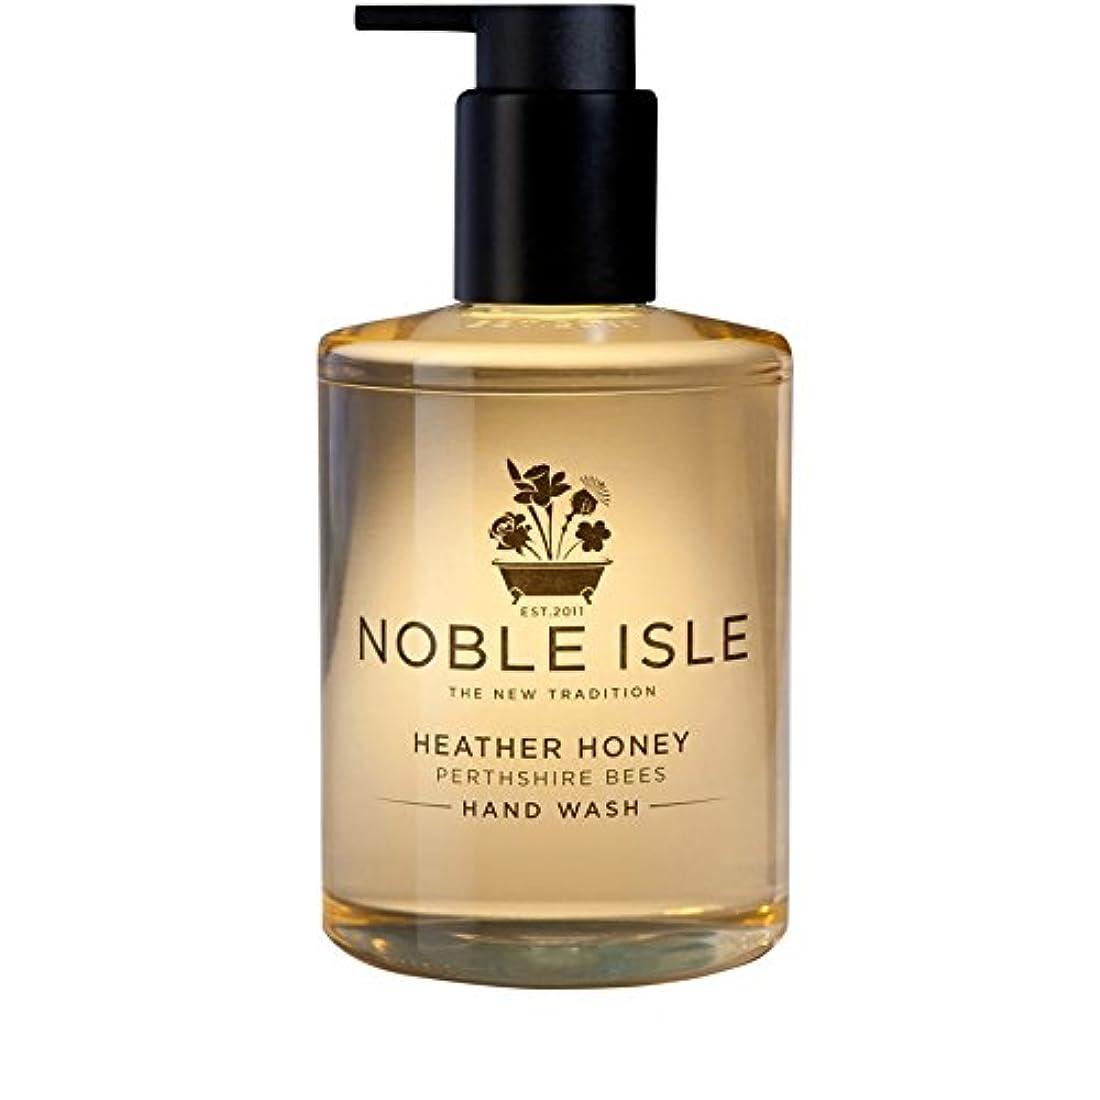 シルエット崇拝します鮫Noble Isle Heather Honey Perthshire Bees Hand Wash 250ml (Pack of 6) - 高貴な島杢蜂蜜パースシャー蜂のハンドウォッシュ250ミリリットル x6 [並行輸入品]